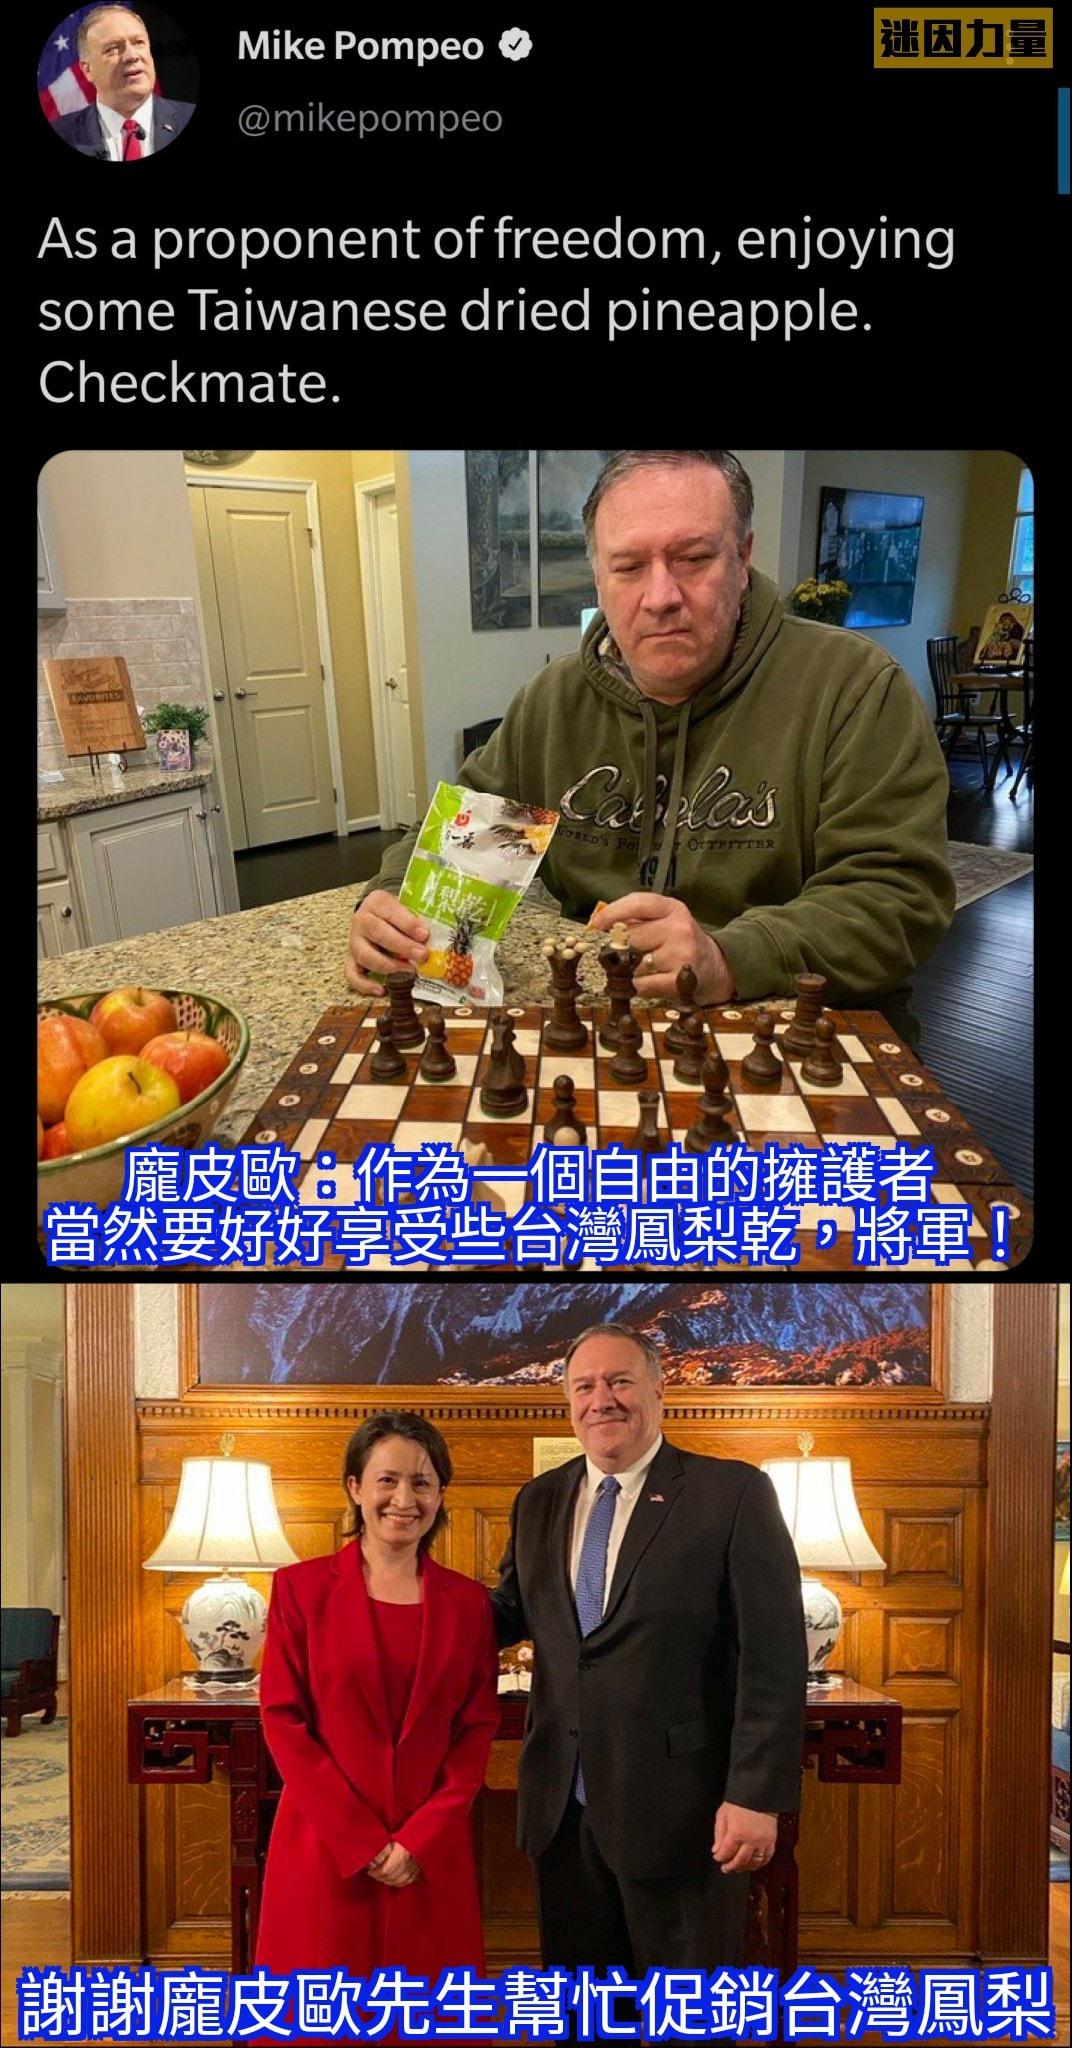 龐皮歐發推幫忙行銷台灣鳳梨